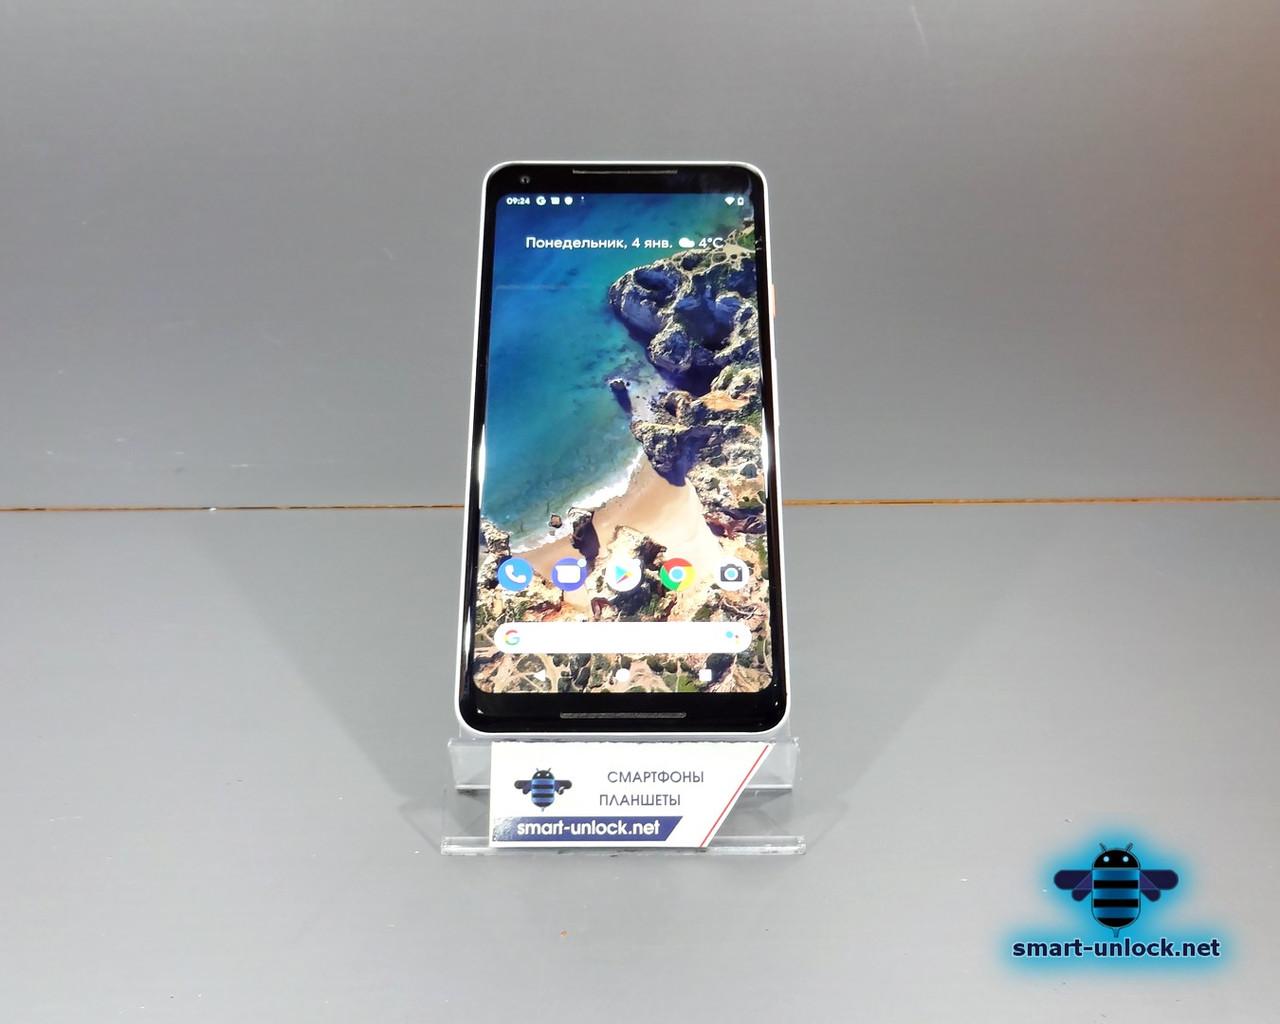 Телефон, смартфон Google Pixel 2 XL 64Gb Покупка без риска, гарантия!